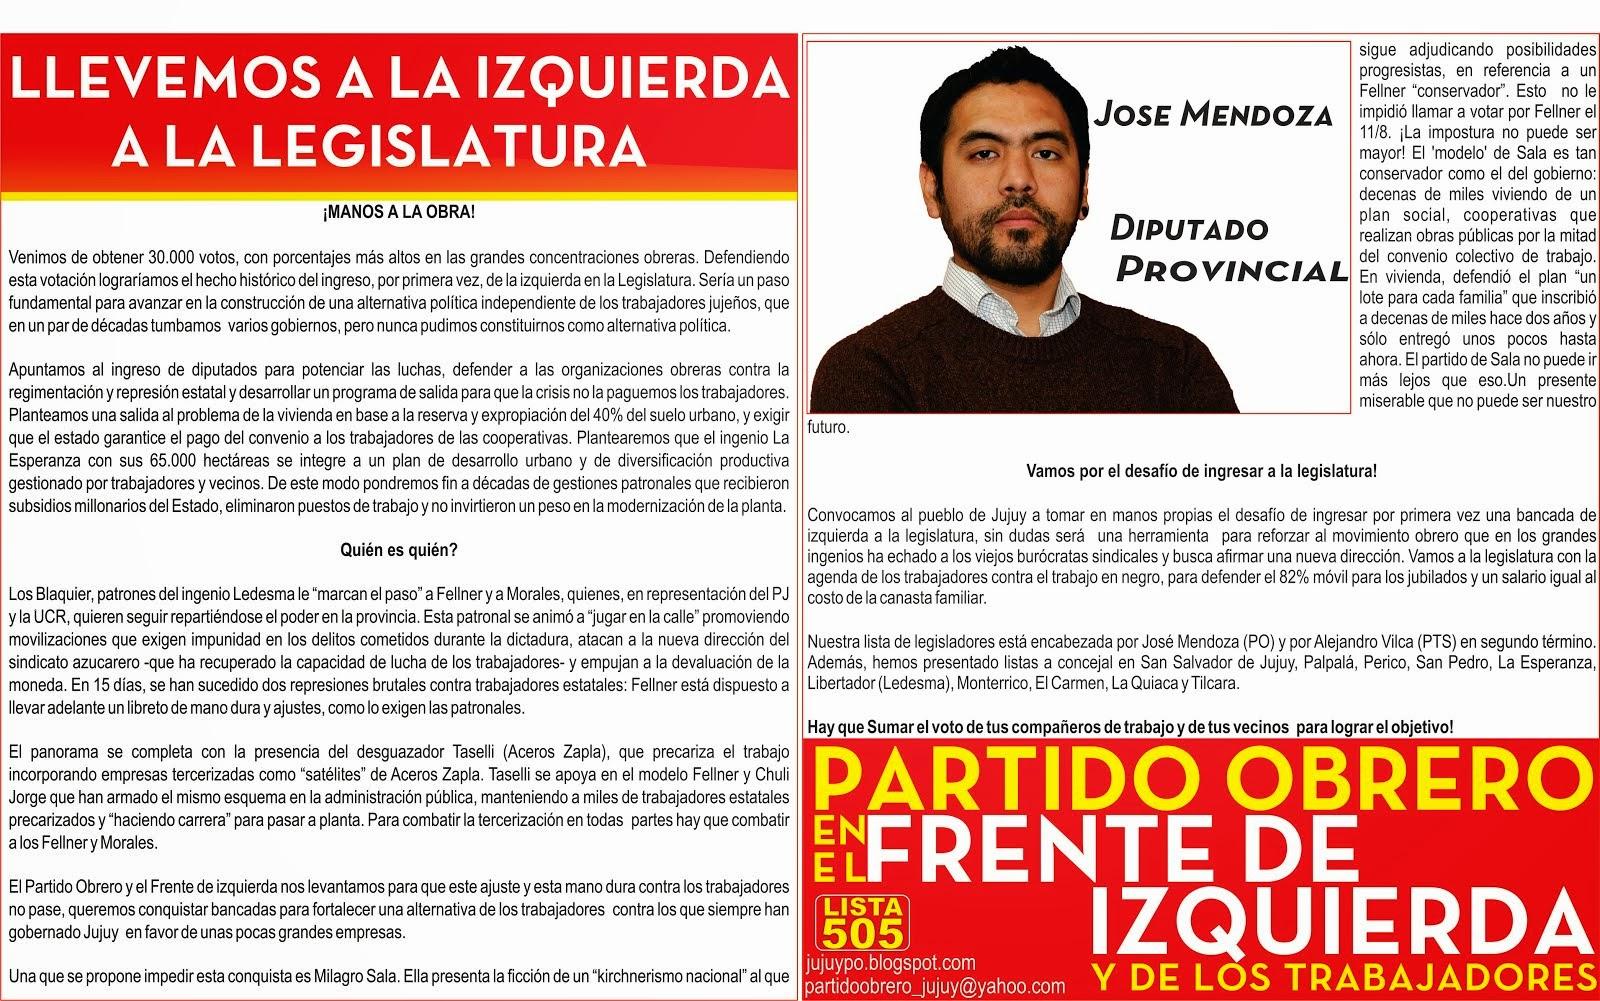 DECLARACION DEL PARTIDO OBRERO